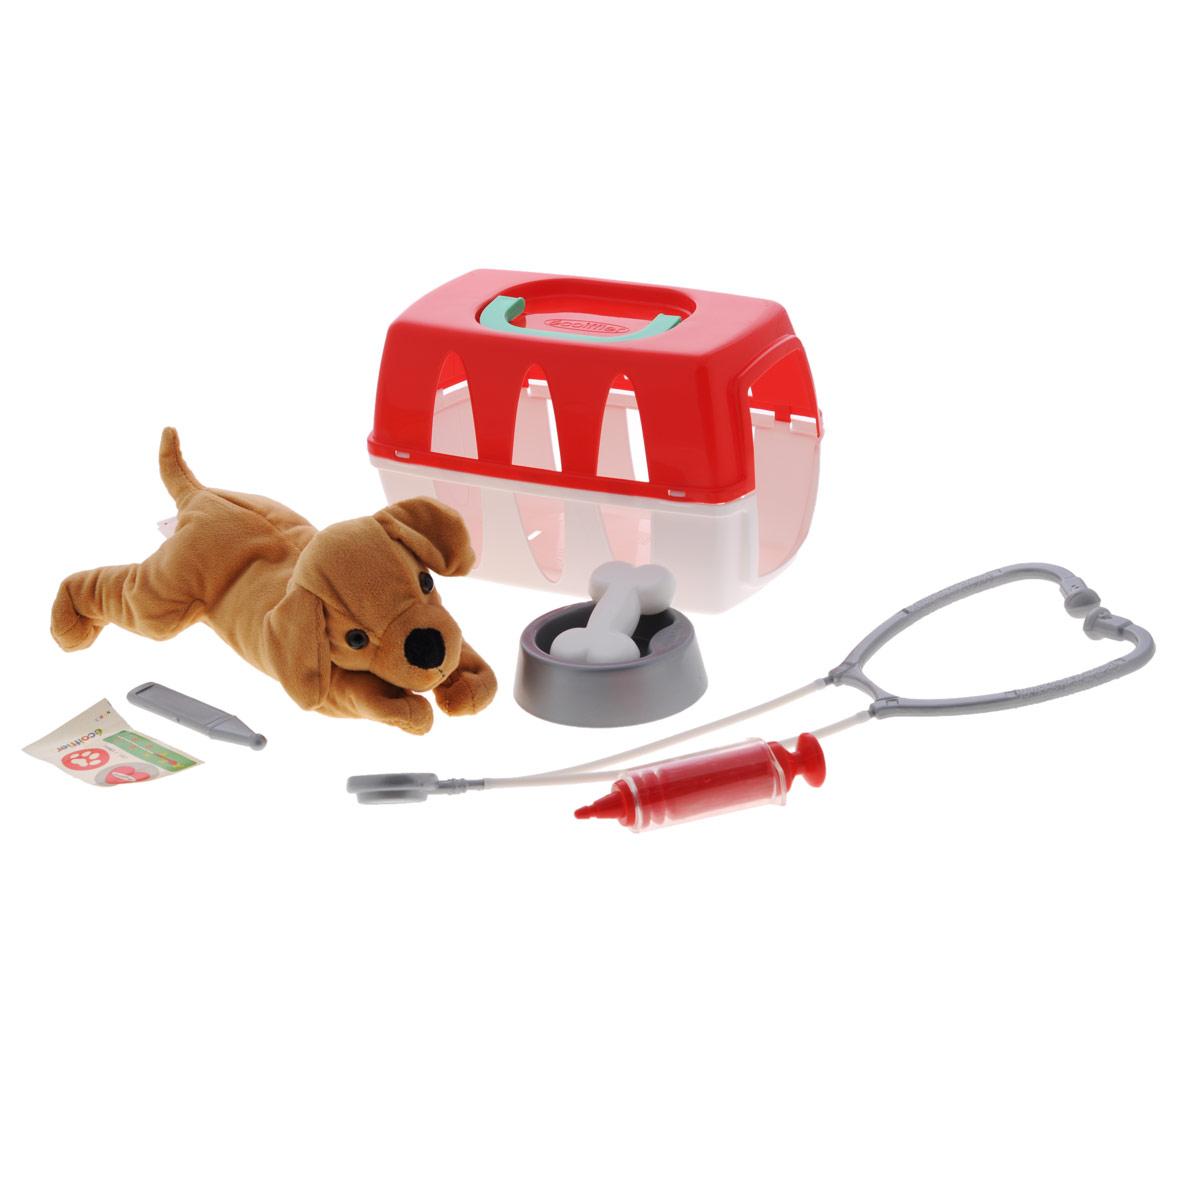 Набор ветеринара Ecoiffier, 8 предметов1907Игровой набор Ecoiffier включает в себя полный набор необходимых аксессуаров для маленького ветеринара, которые создадут увлекательную атмосферу игры. В комплект входят: мягкая игрушка в виде собачки, картонный ошейник, миска, косточка, шприц, градусник, стетоскоп, чемоданчик. Благодаря чемоданчику с удобной ручкой ваш ребенок всегда сможет взять с собой набор на прогулку или в поездку. С этим замечательным набором ребенок сможет вылечить собачку и других игрушек и почувствовать себя квалифицированным специалистом.